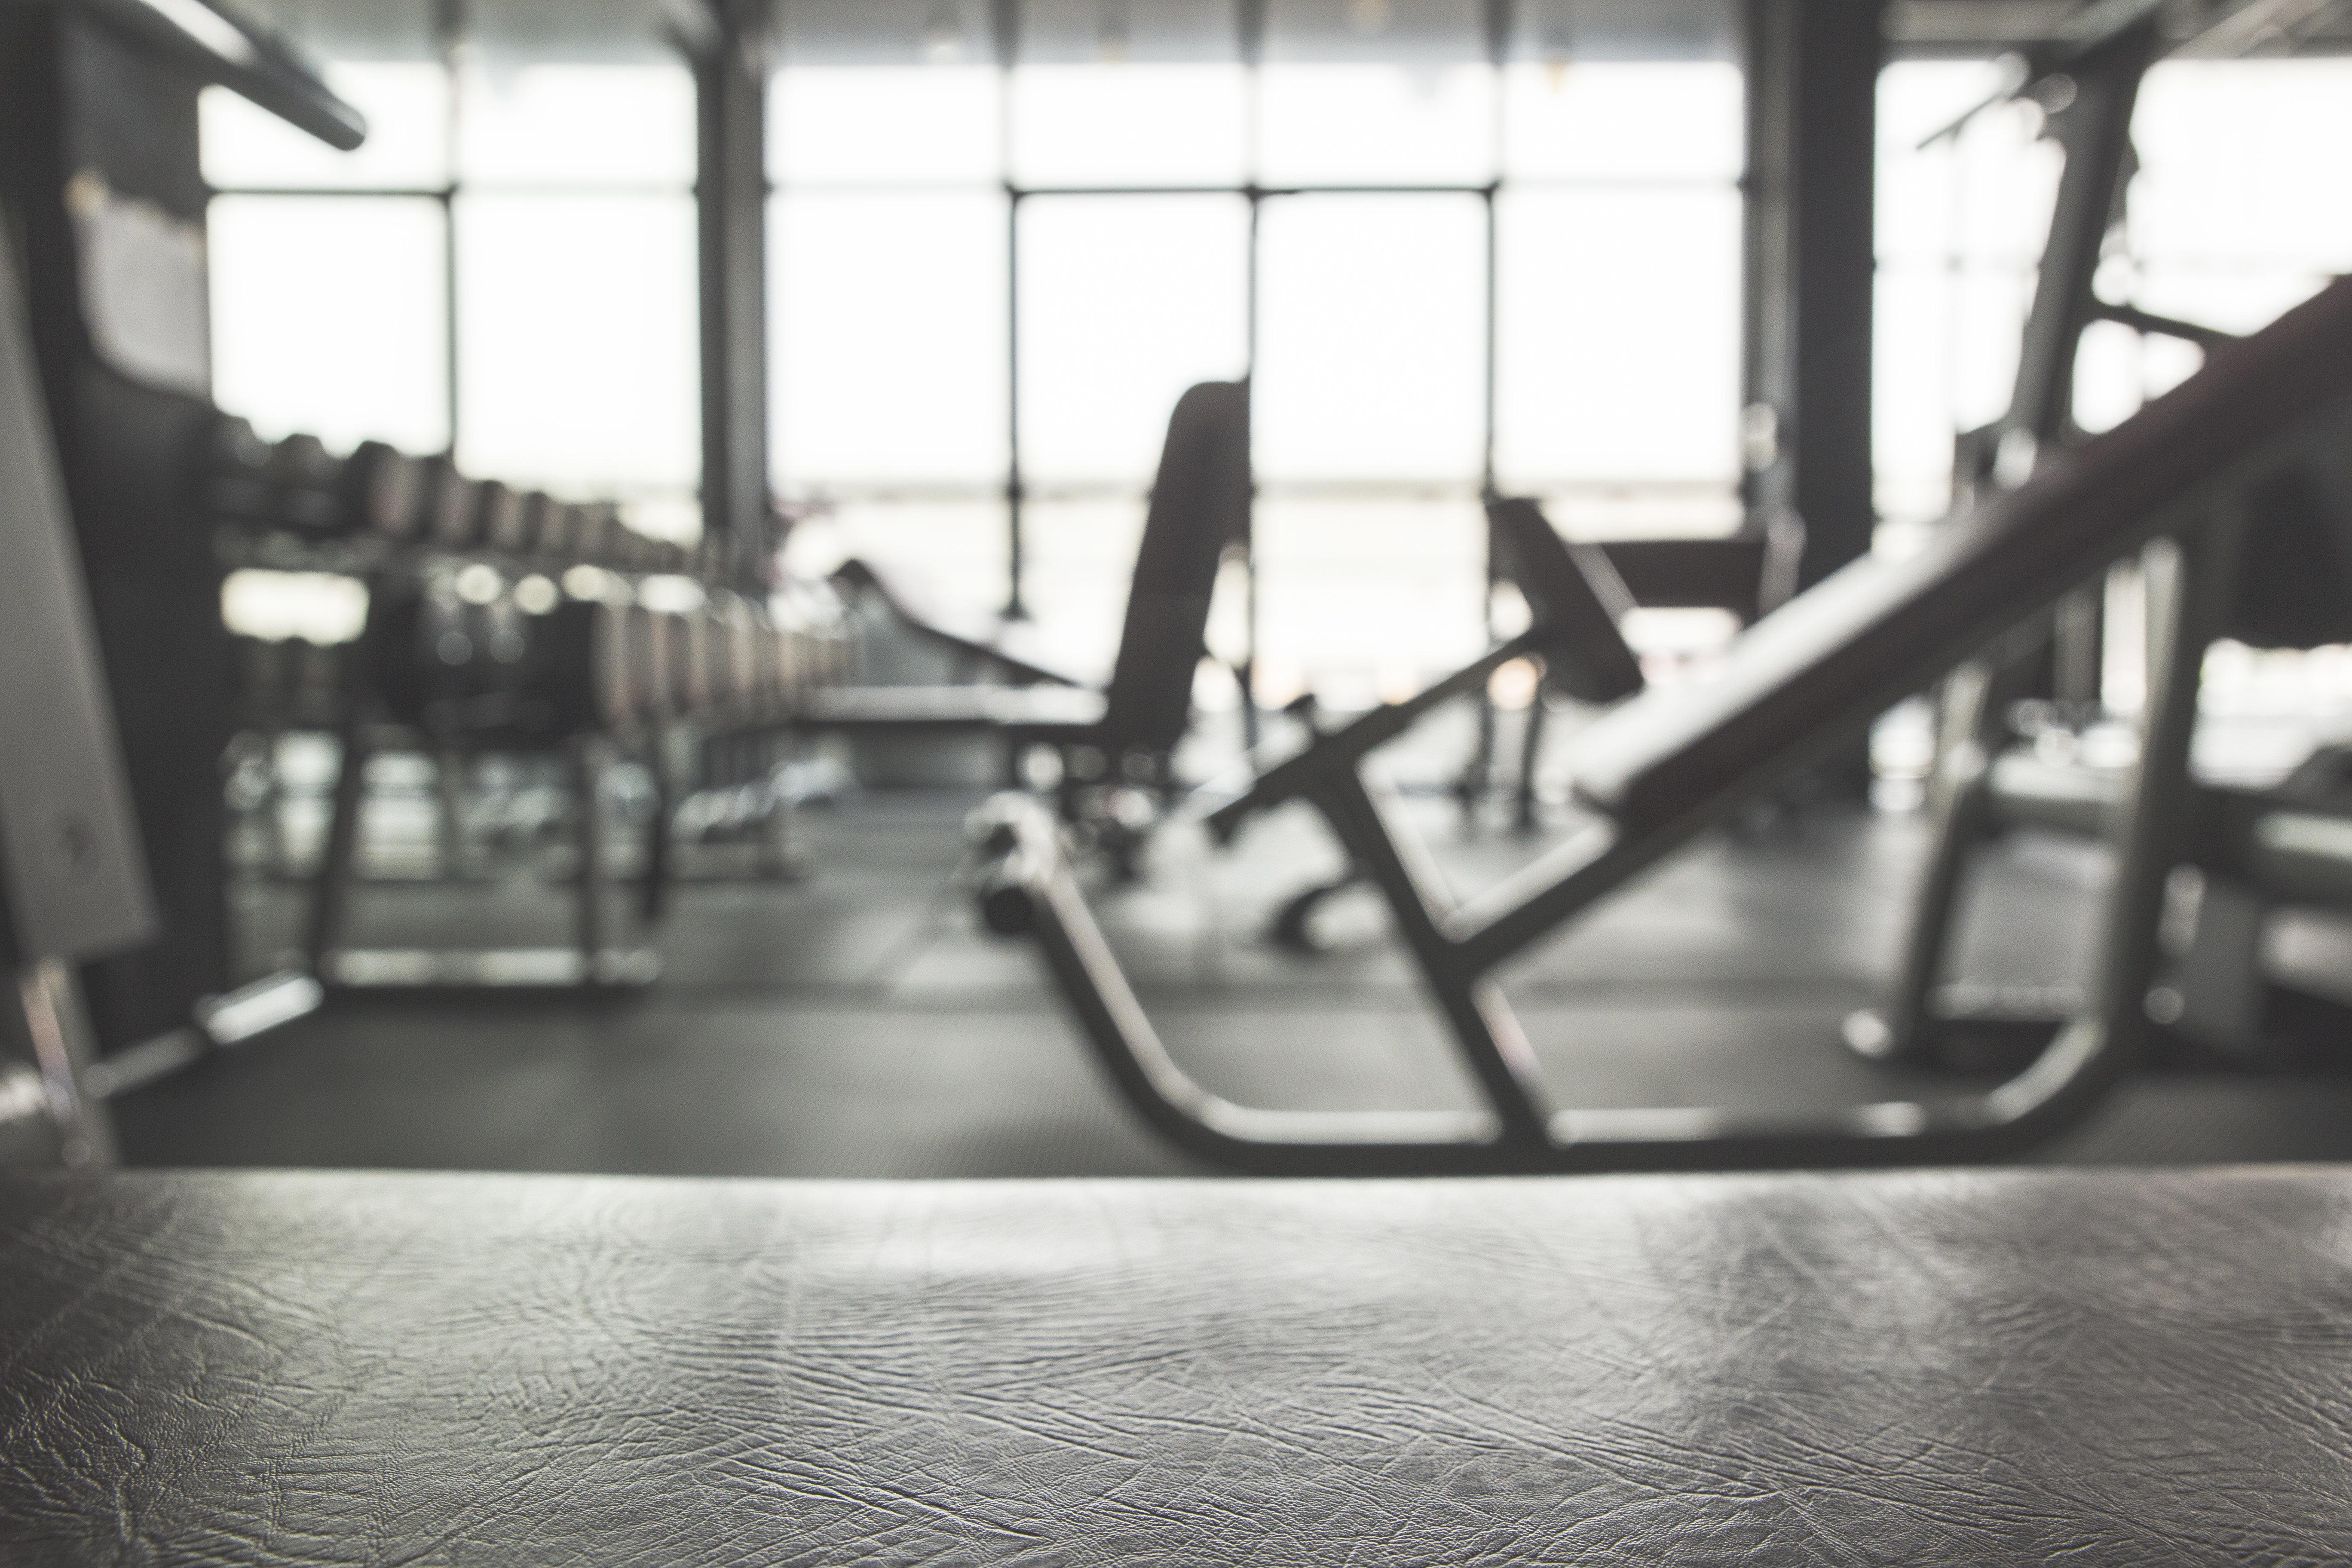 Αντιεξουσιαστές κατέλαβαν γυμναστήριο στα Εξάρχεια για να κάνουν μαθήματα